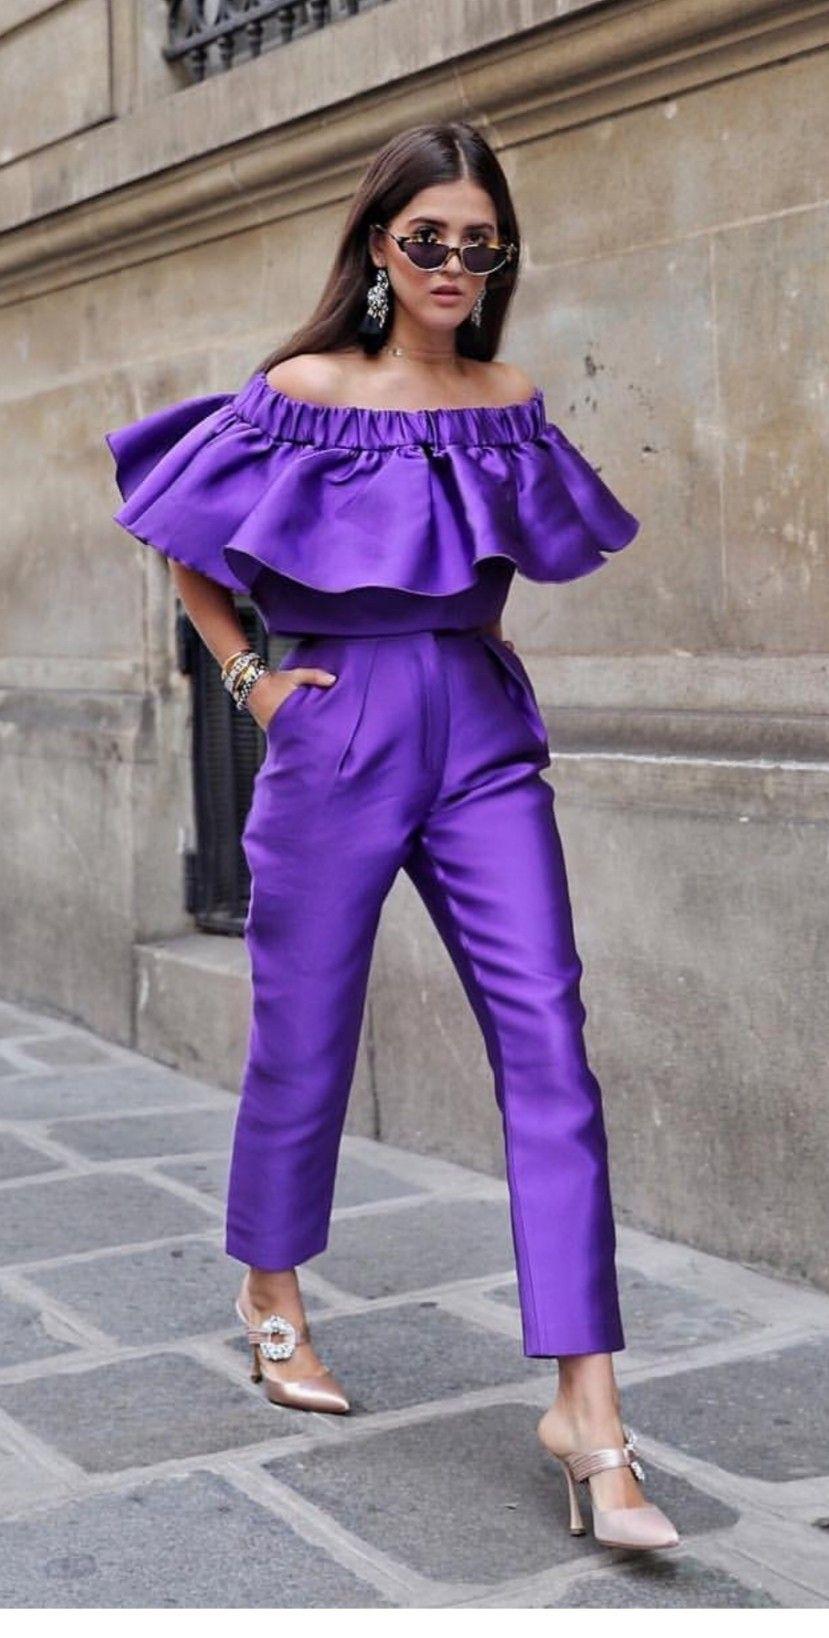 Pin de Brusilla en jumpsuits | Pinterest | Bragas, Ropa para boda y Ropa